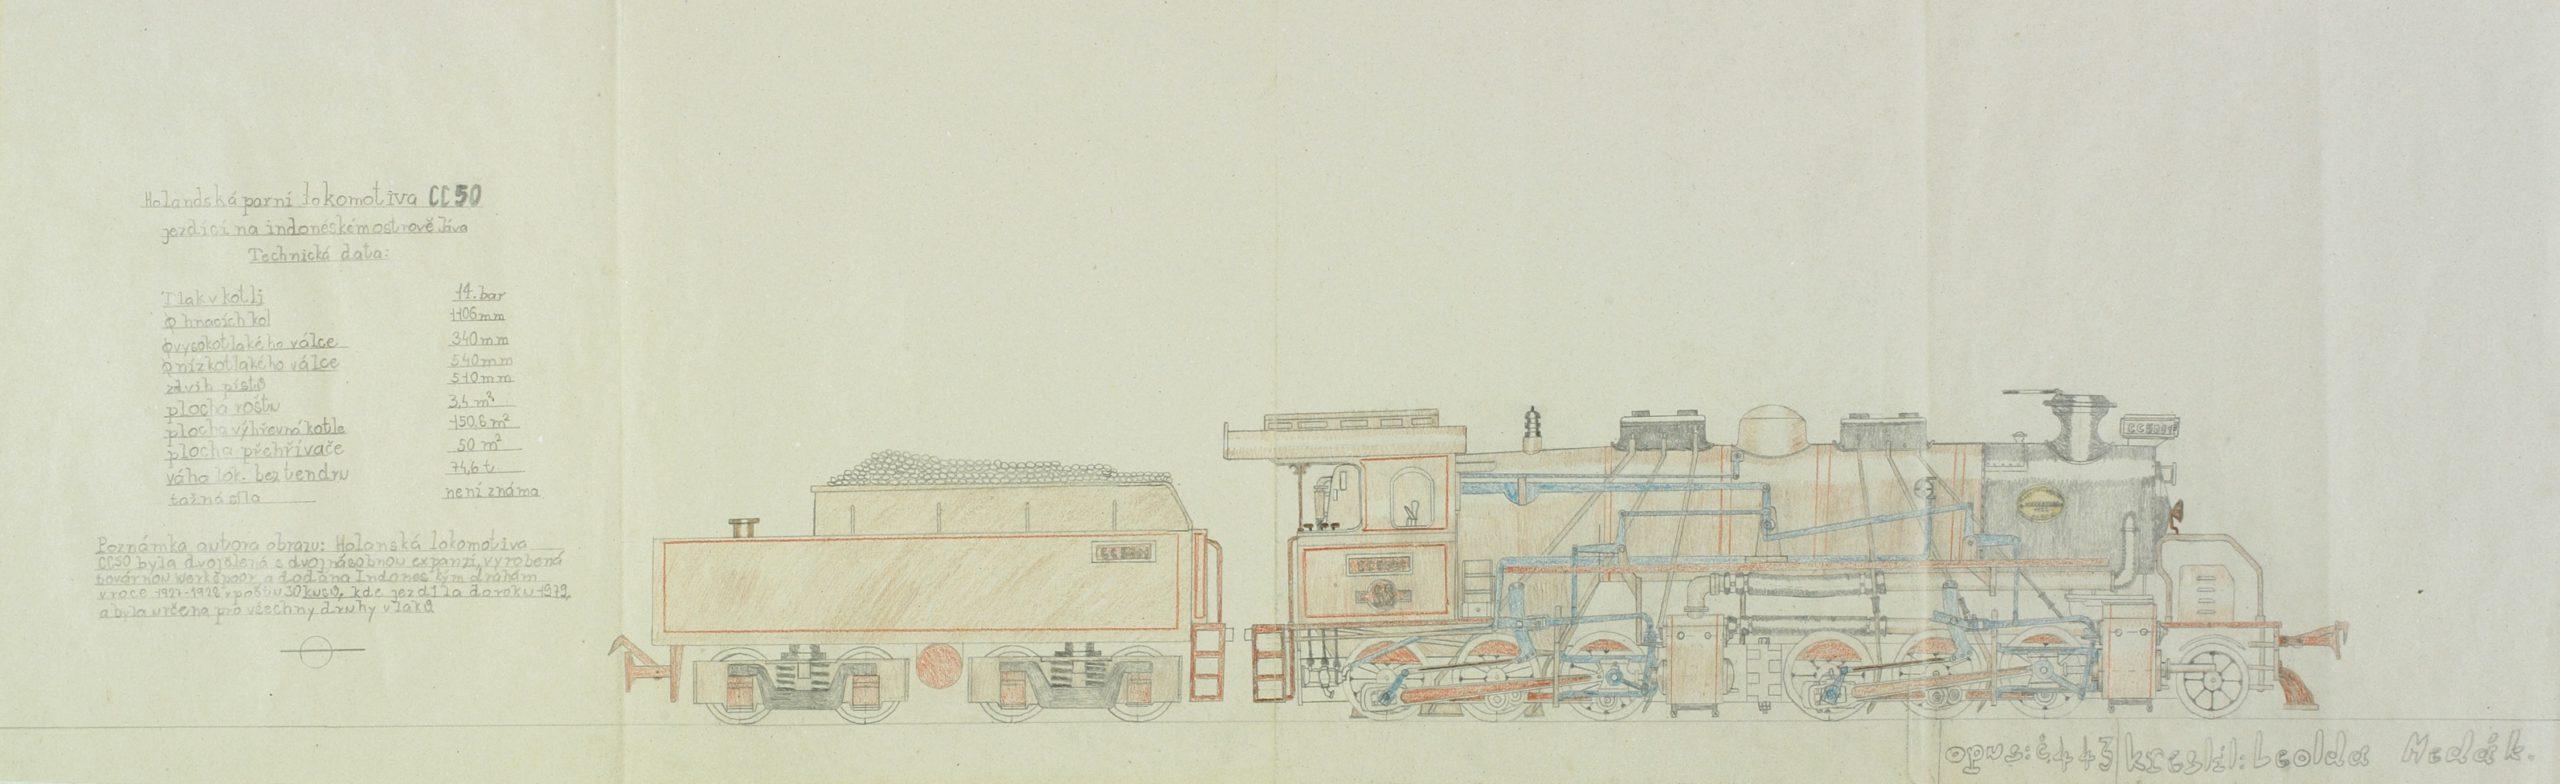 wertheimer leoš - Holandská parni lokomotiva CC 50 opus: č 443